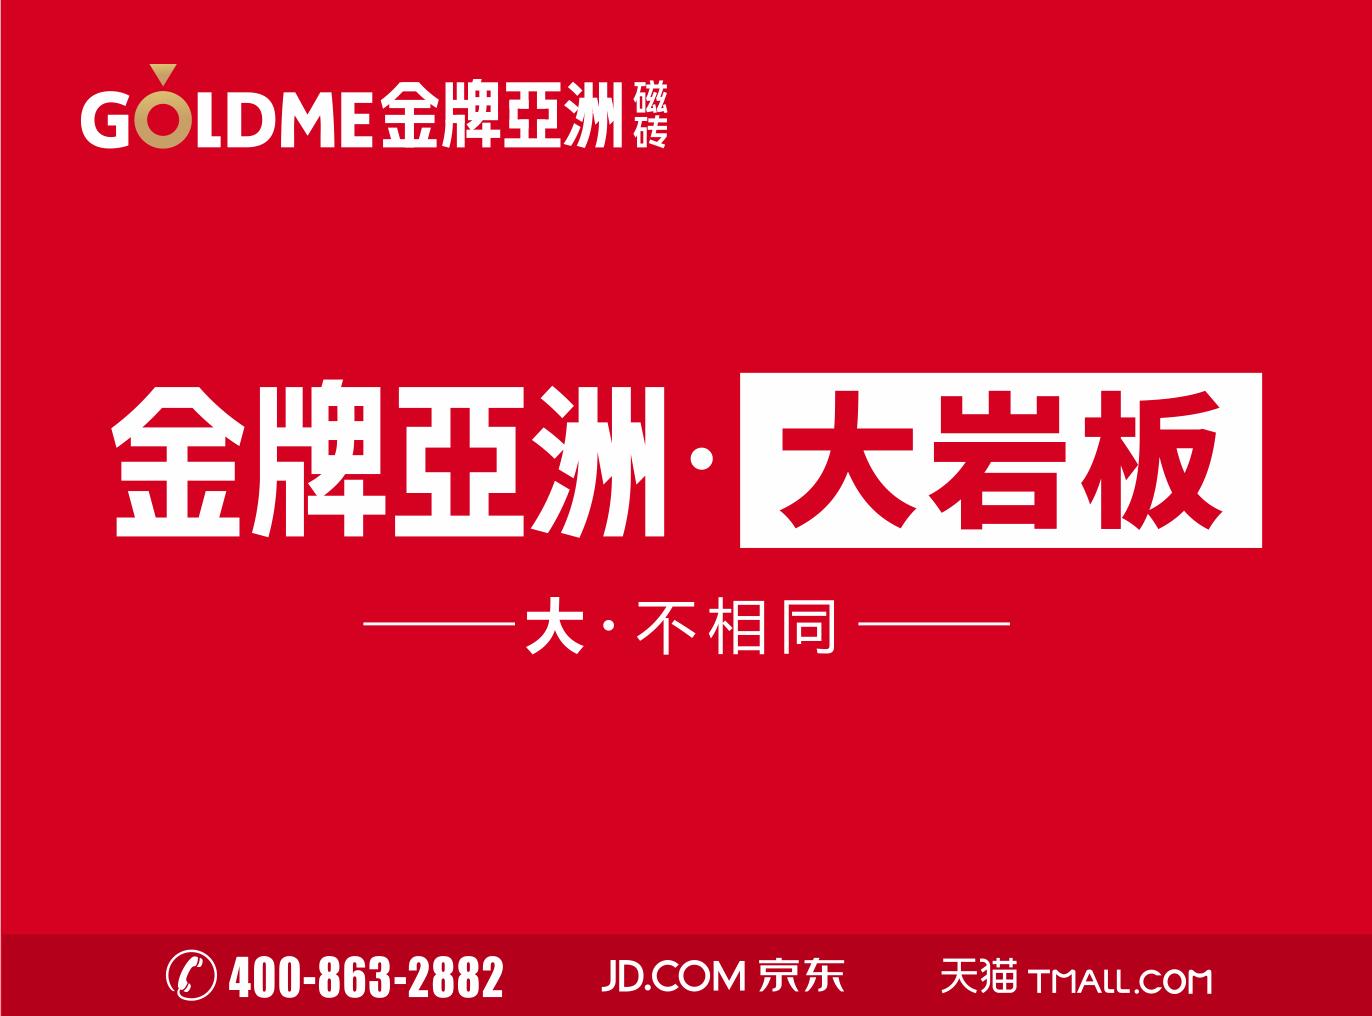 中国陶瓷网首页广告图链接官网.png